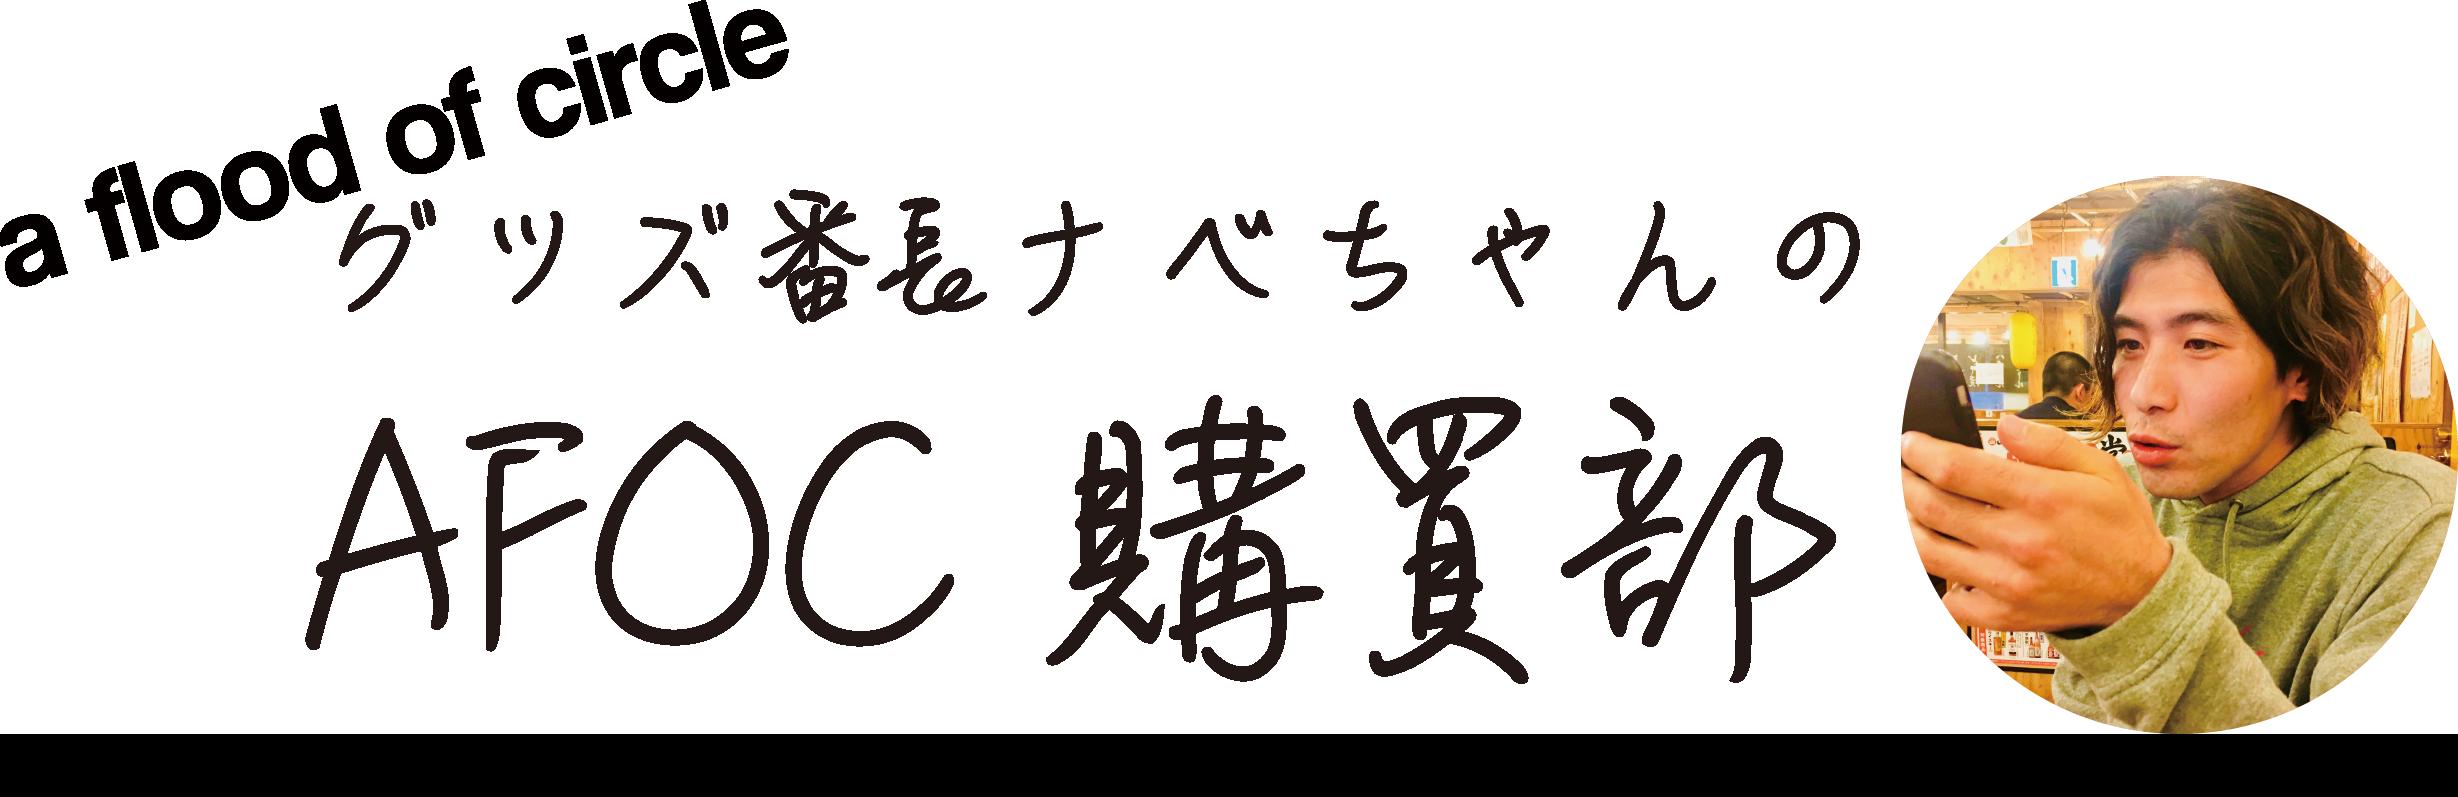 グッズ番長ナベちゃんのAFOC購買部